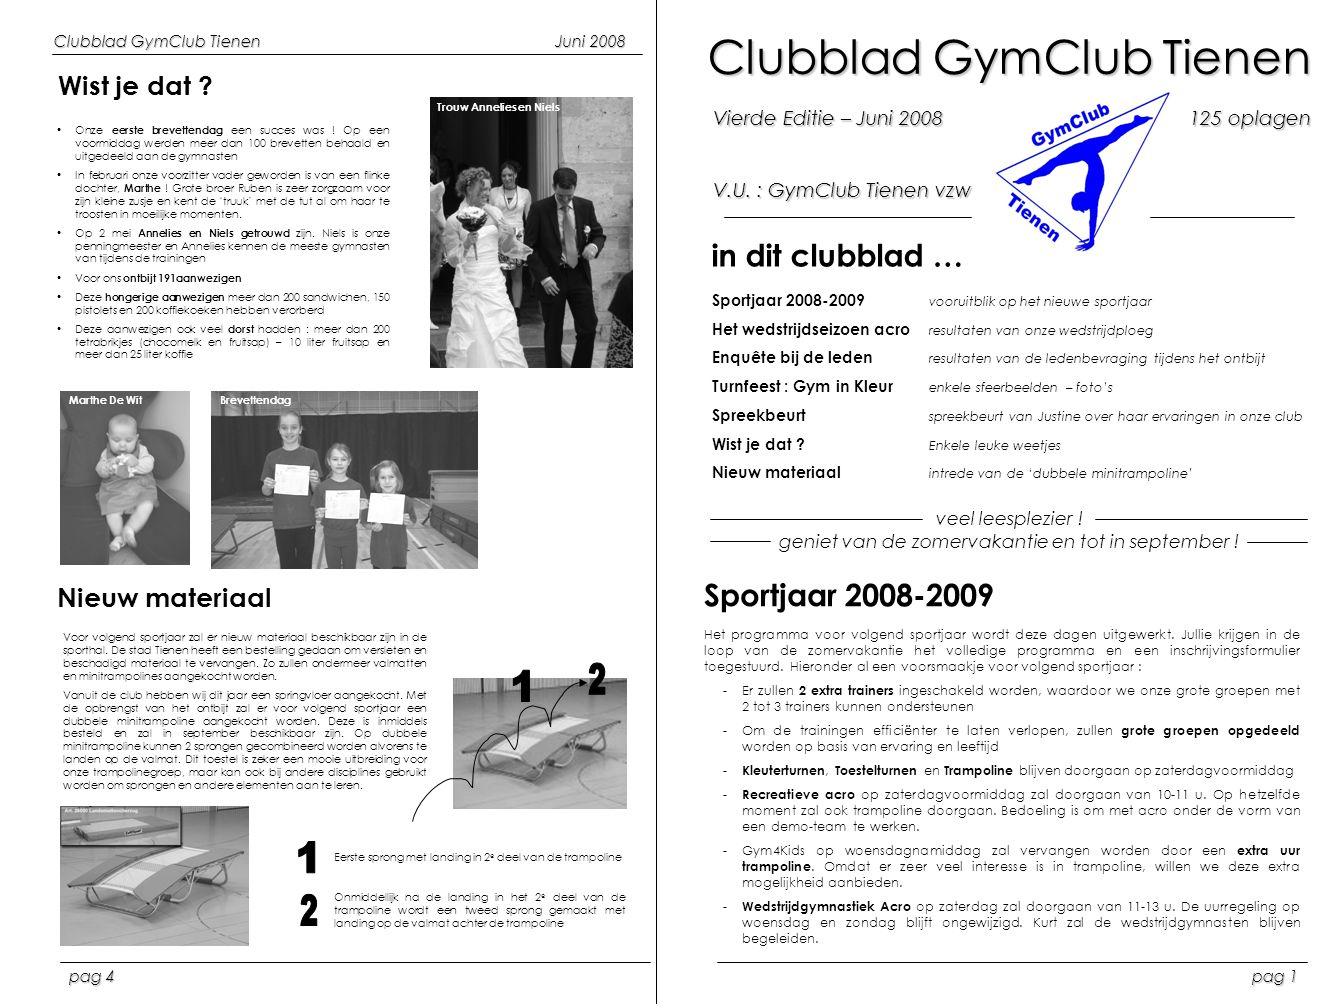 2 1 1 2 Clubblad GymClub Tienen in dit clubblad … Sportjaar 2008-2009